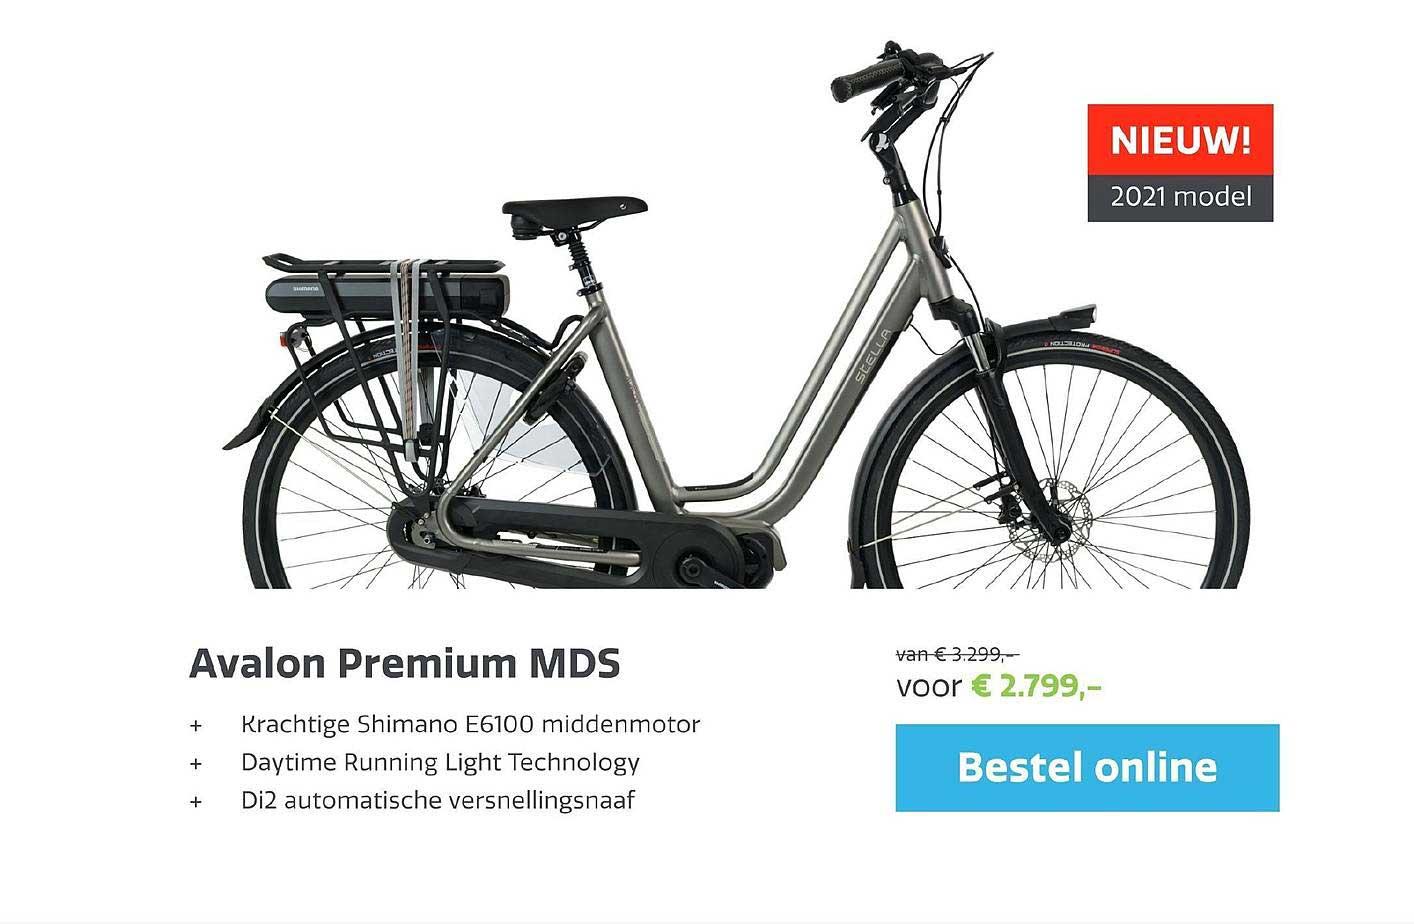 Stella Fietsen Avalon Premium MDS E-Bike